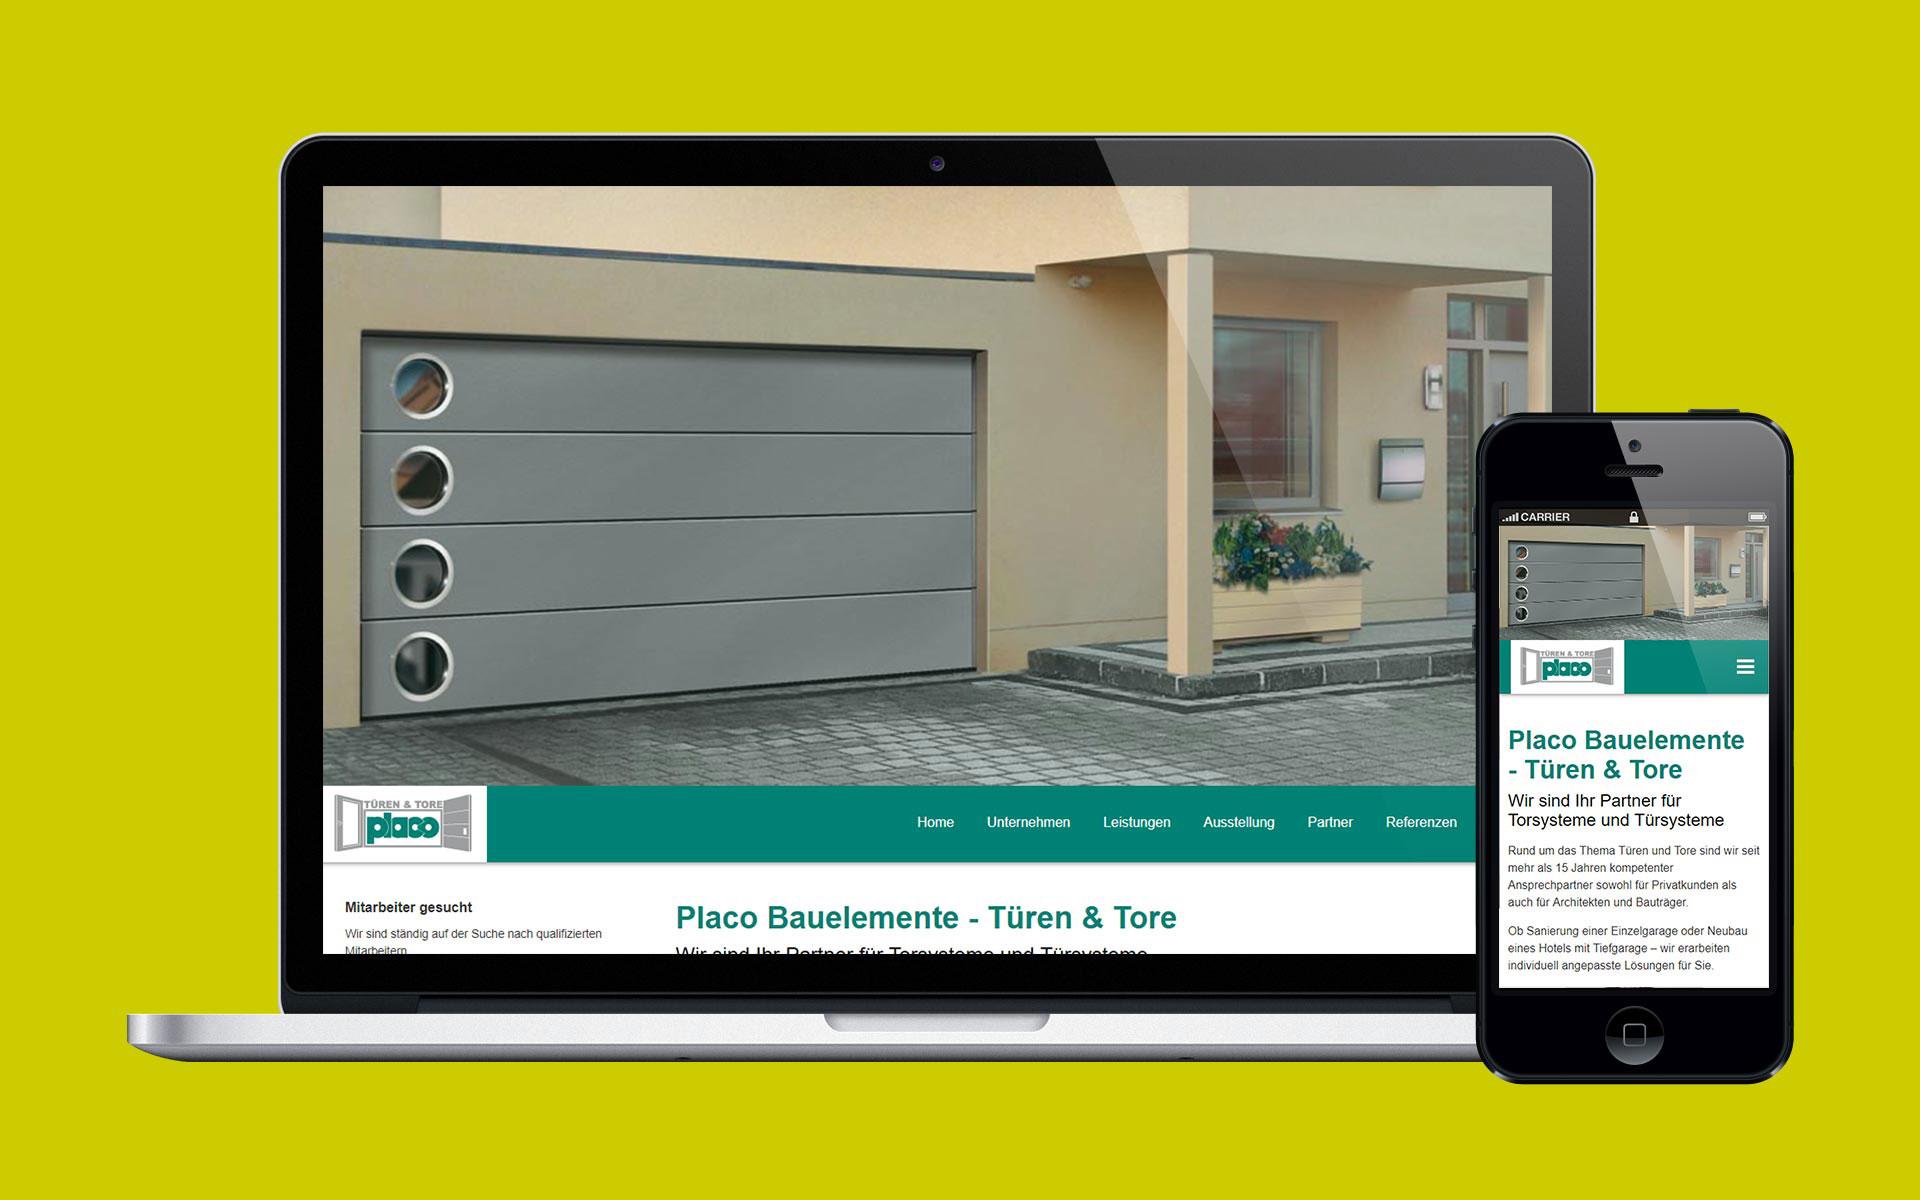 Website von Placo Bauelemente, dargestellt auf dem Bildschirm eines Laptop und Smartphone